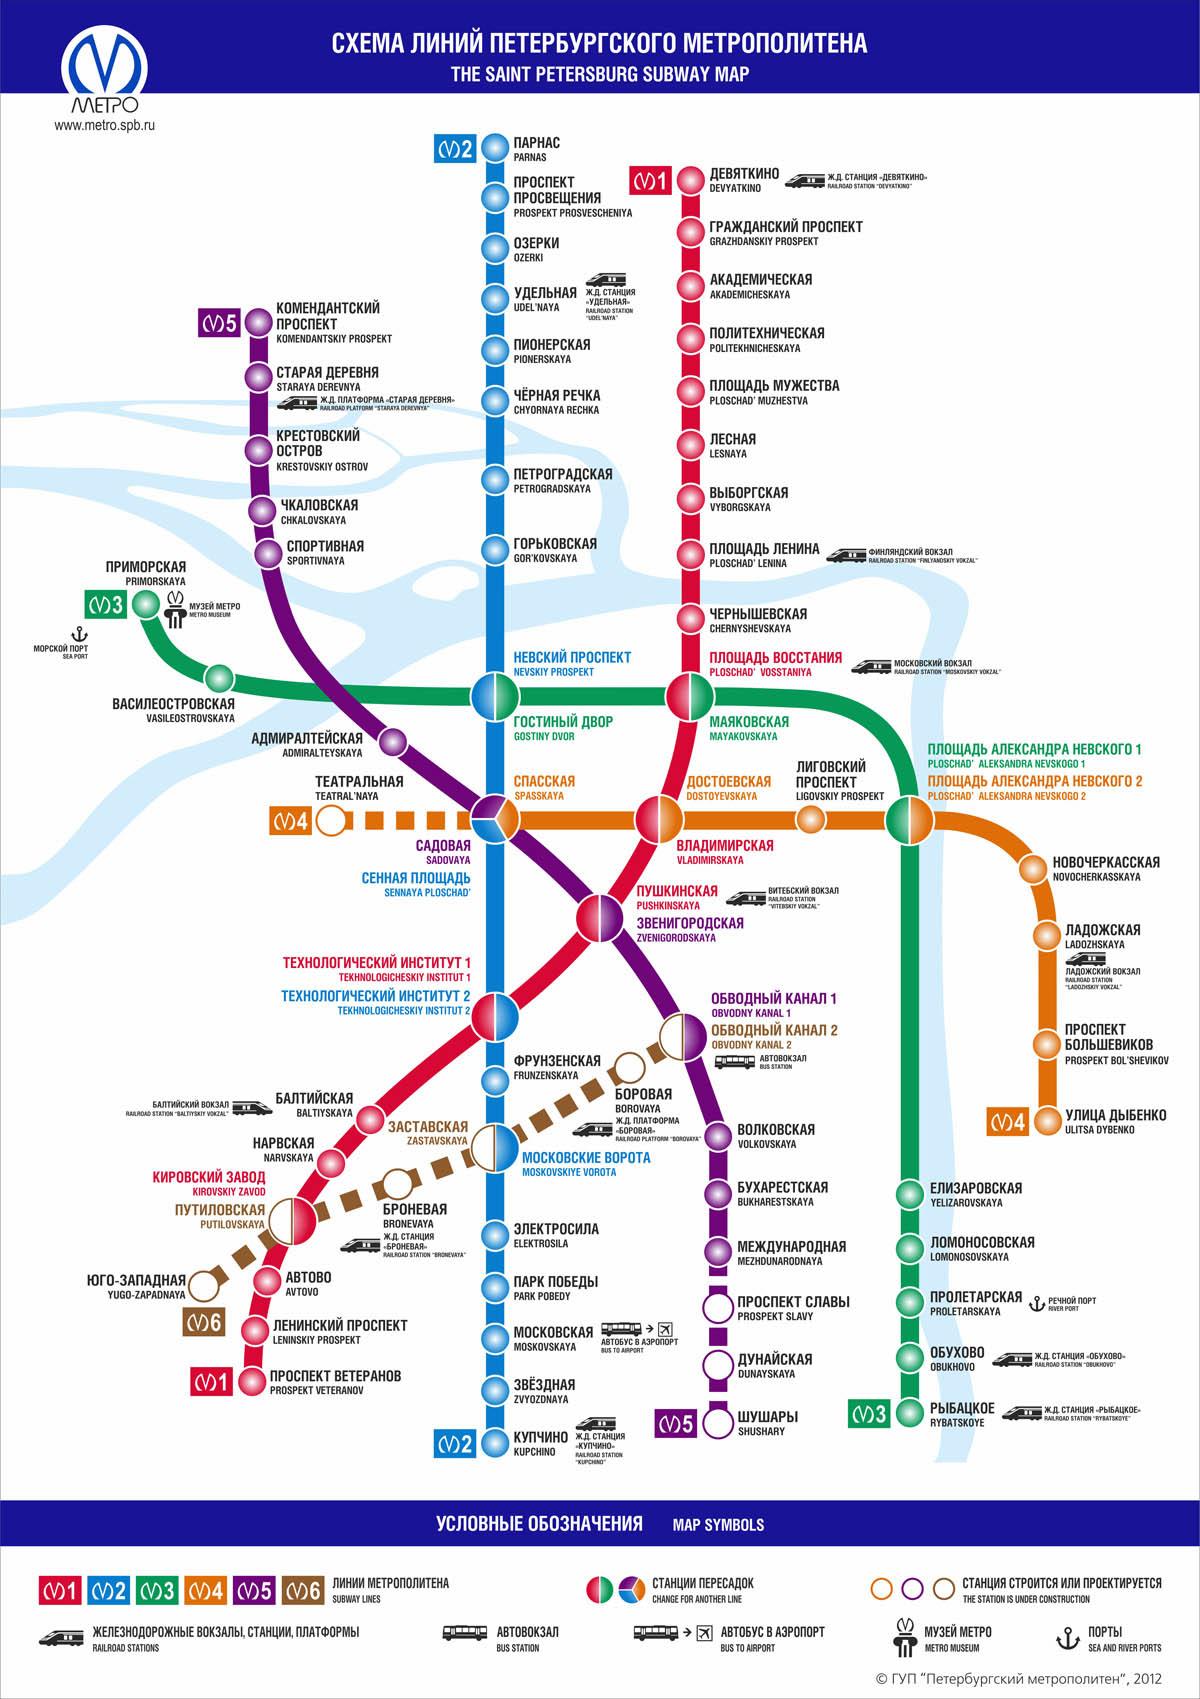 Какие изменения мы увидим на новой схеме метрополитена.  Новооткрытые станции на ней будут, разумеется...